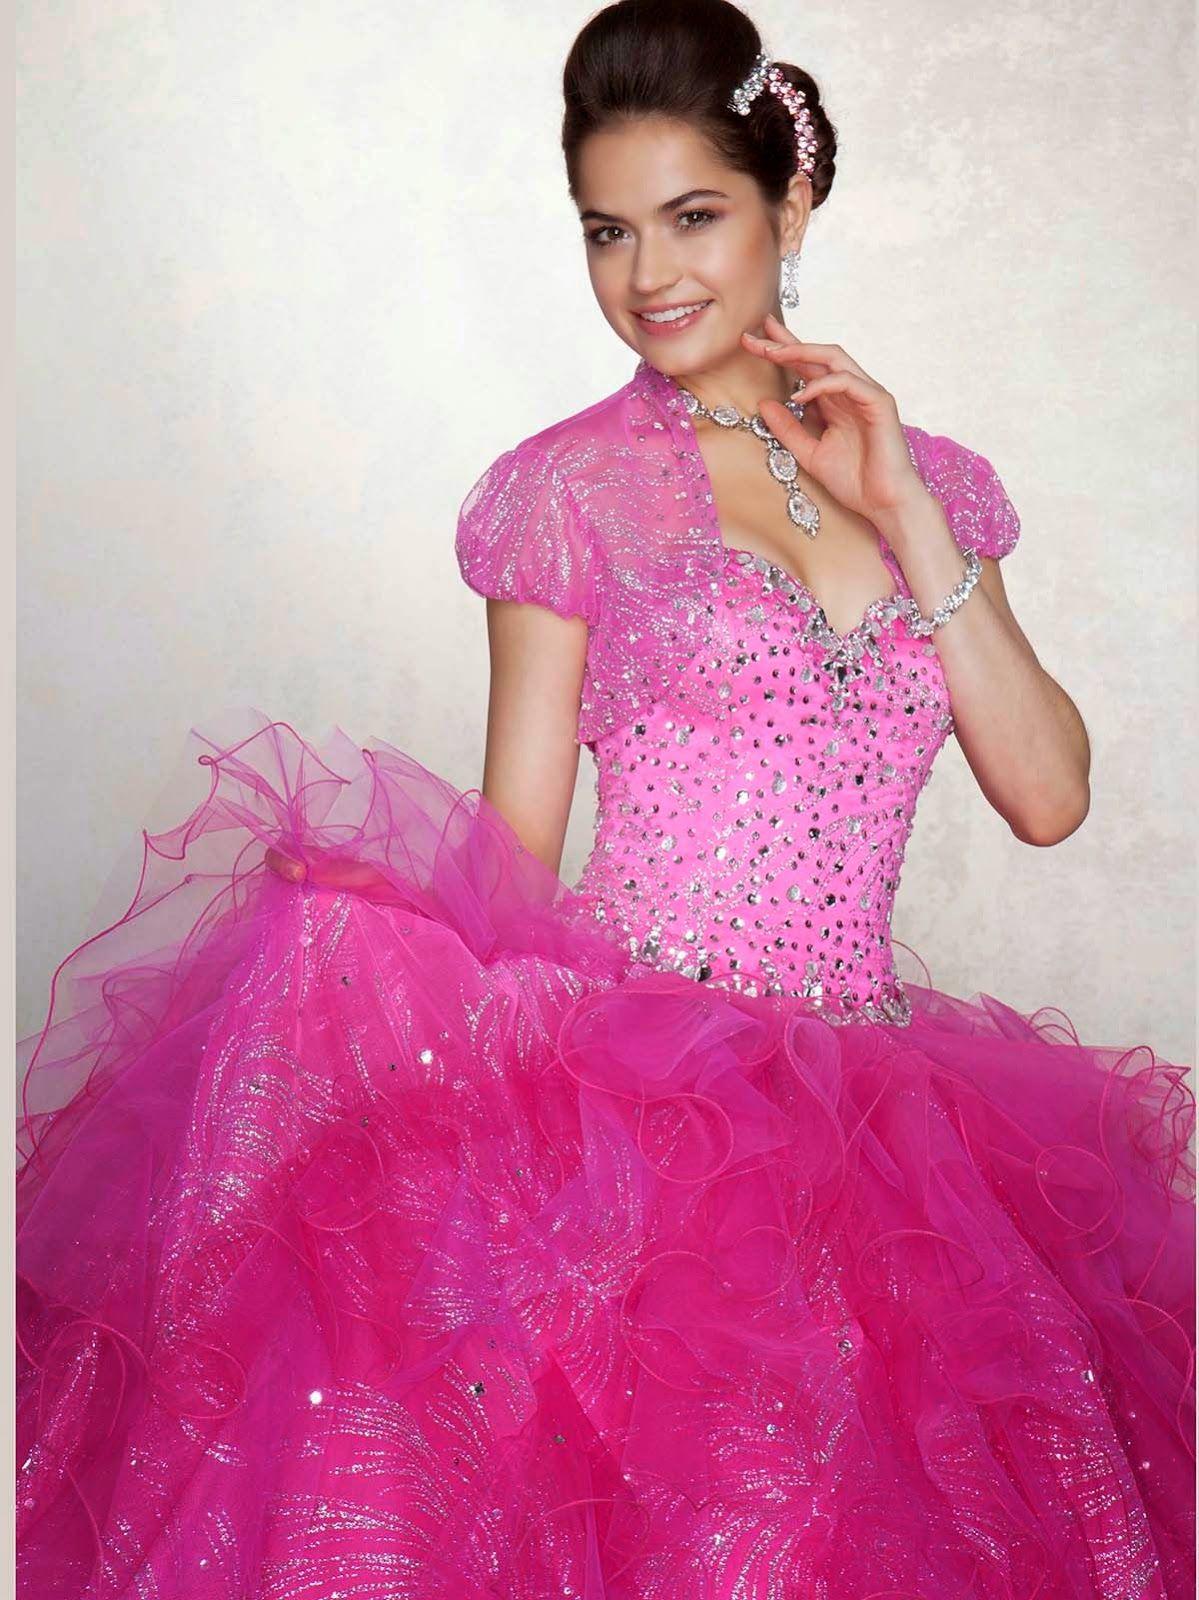 Vestidos de 15 años | Diseños exclusivos | vestidos increibles ...